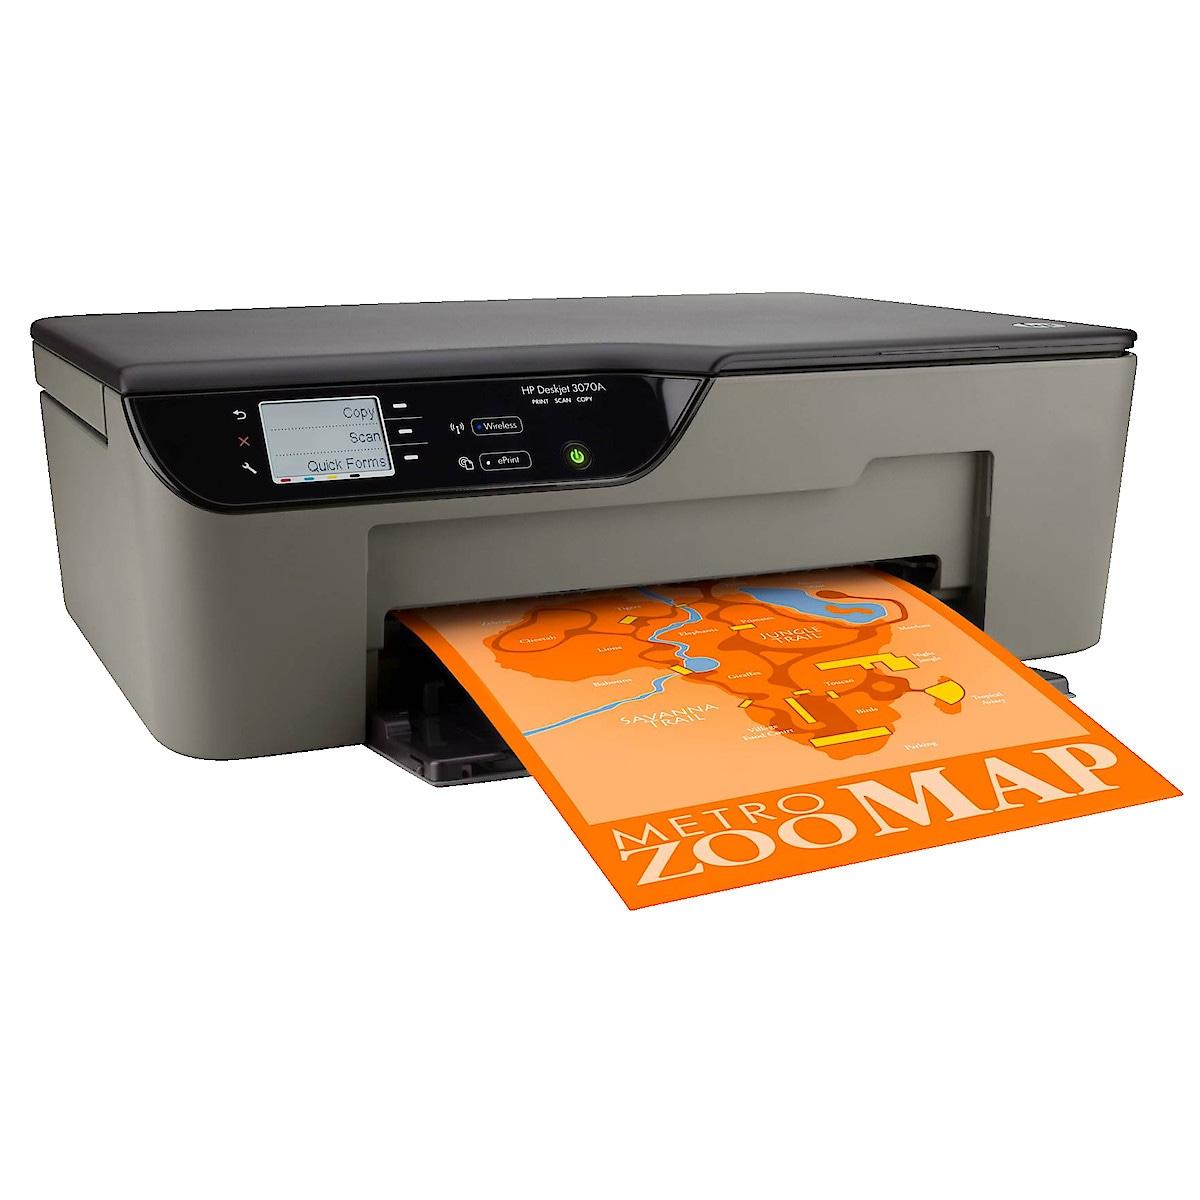 HP DeskJet 3070A eAIO All-in-One Inkjet Printer